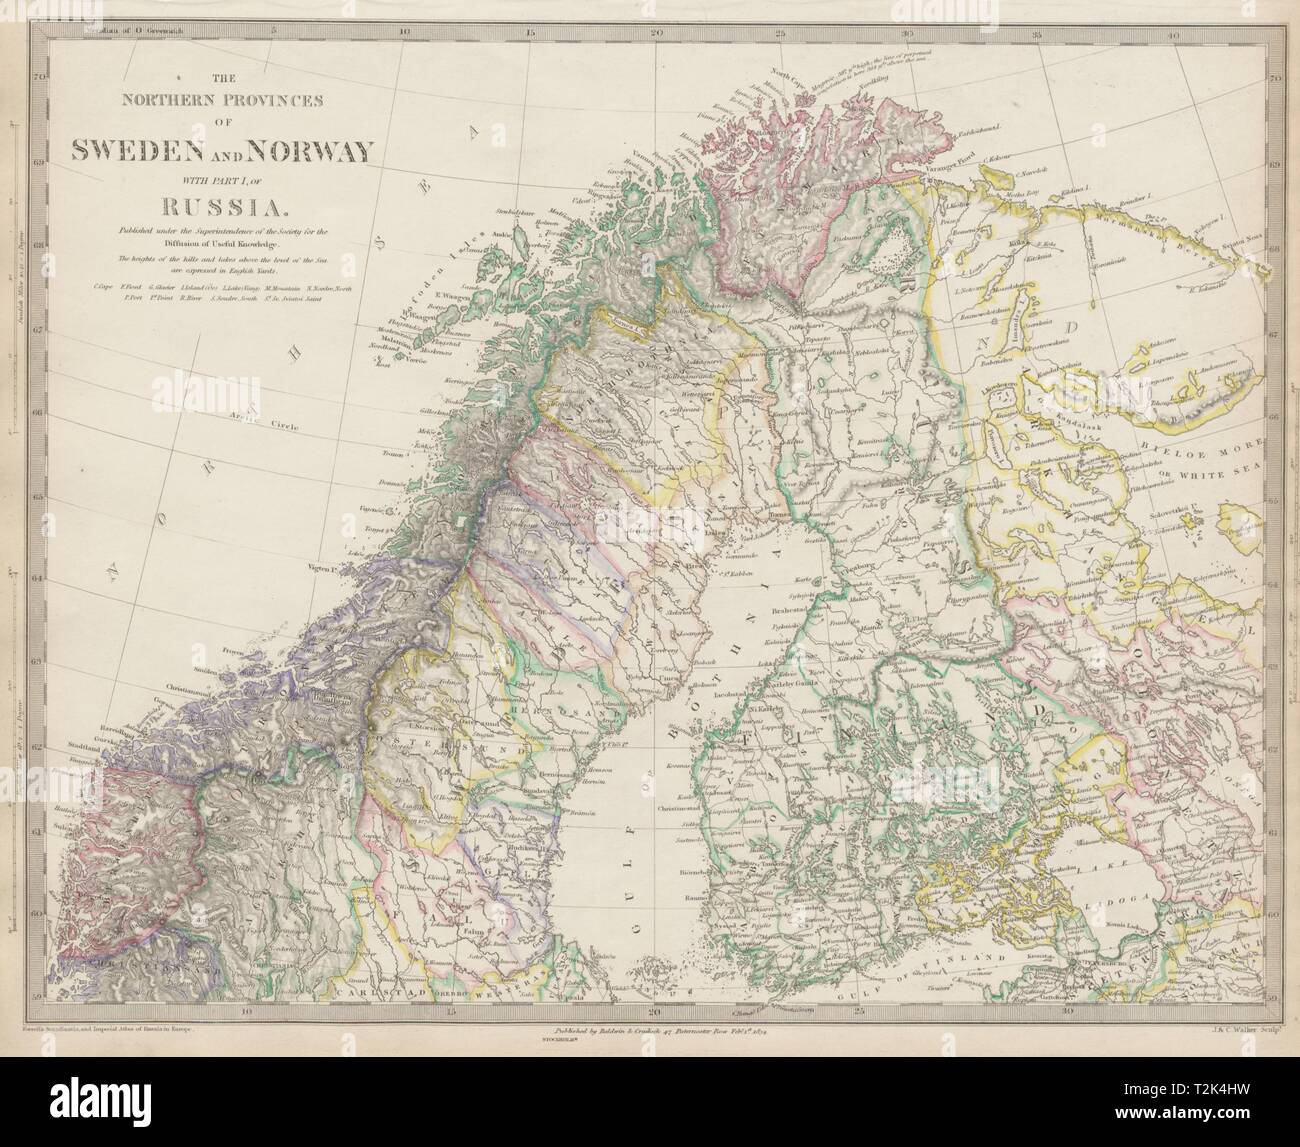 Scandinavia Map And Cartography Stock Photos & Scandinavia Map And on